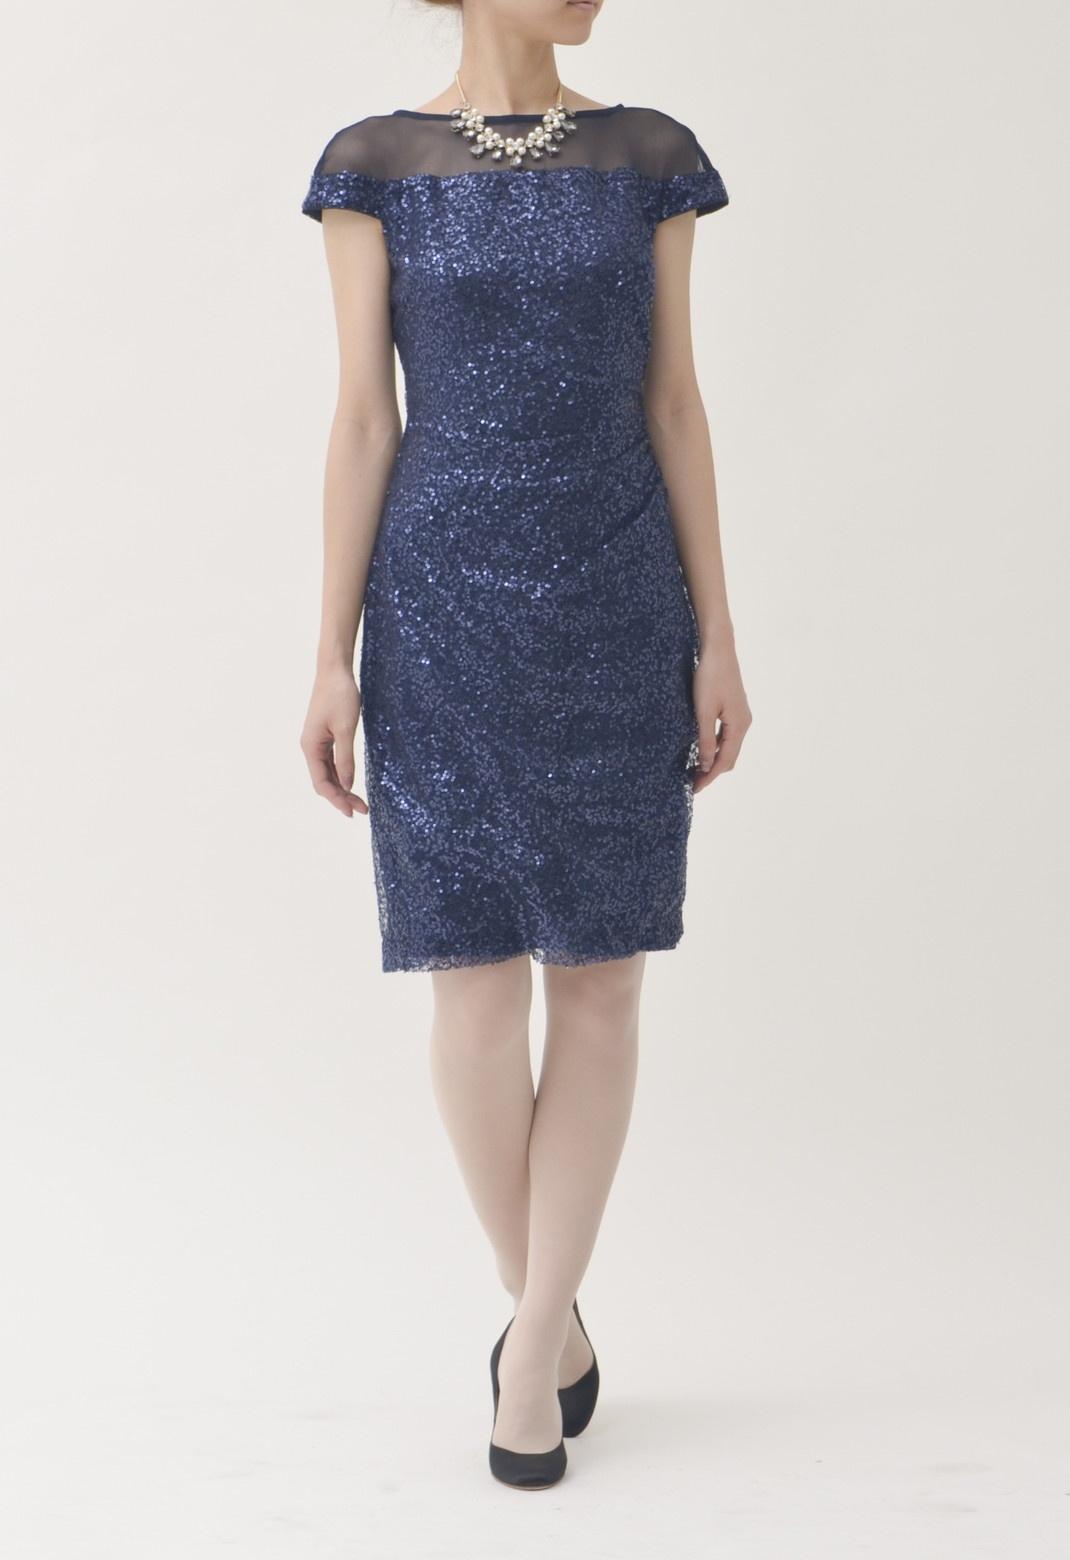 ☆シースルー×スパンコール 半袖 ドレス